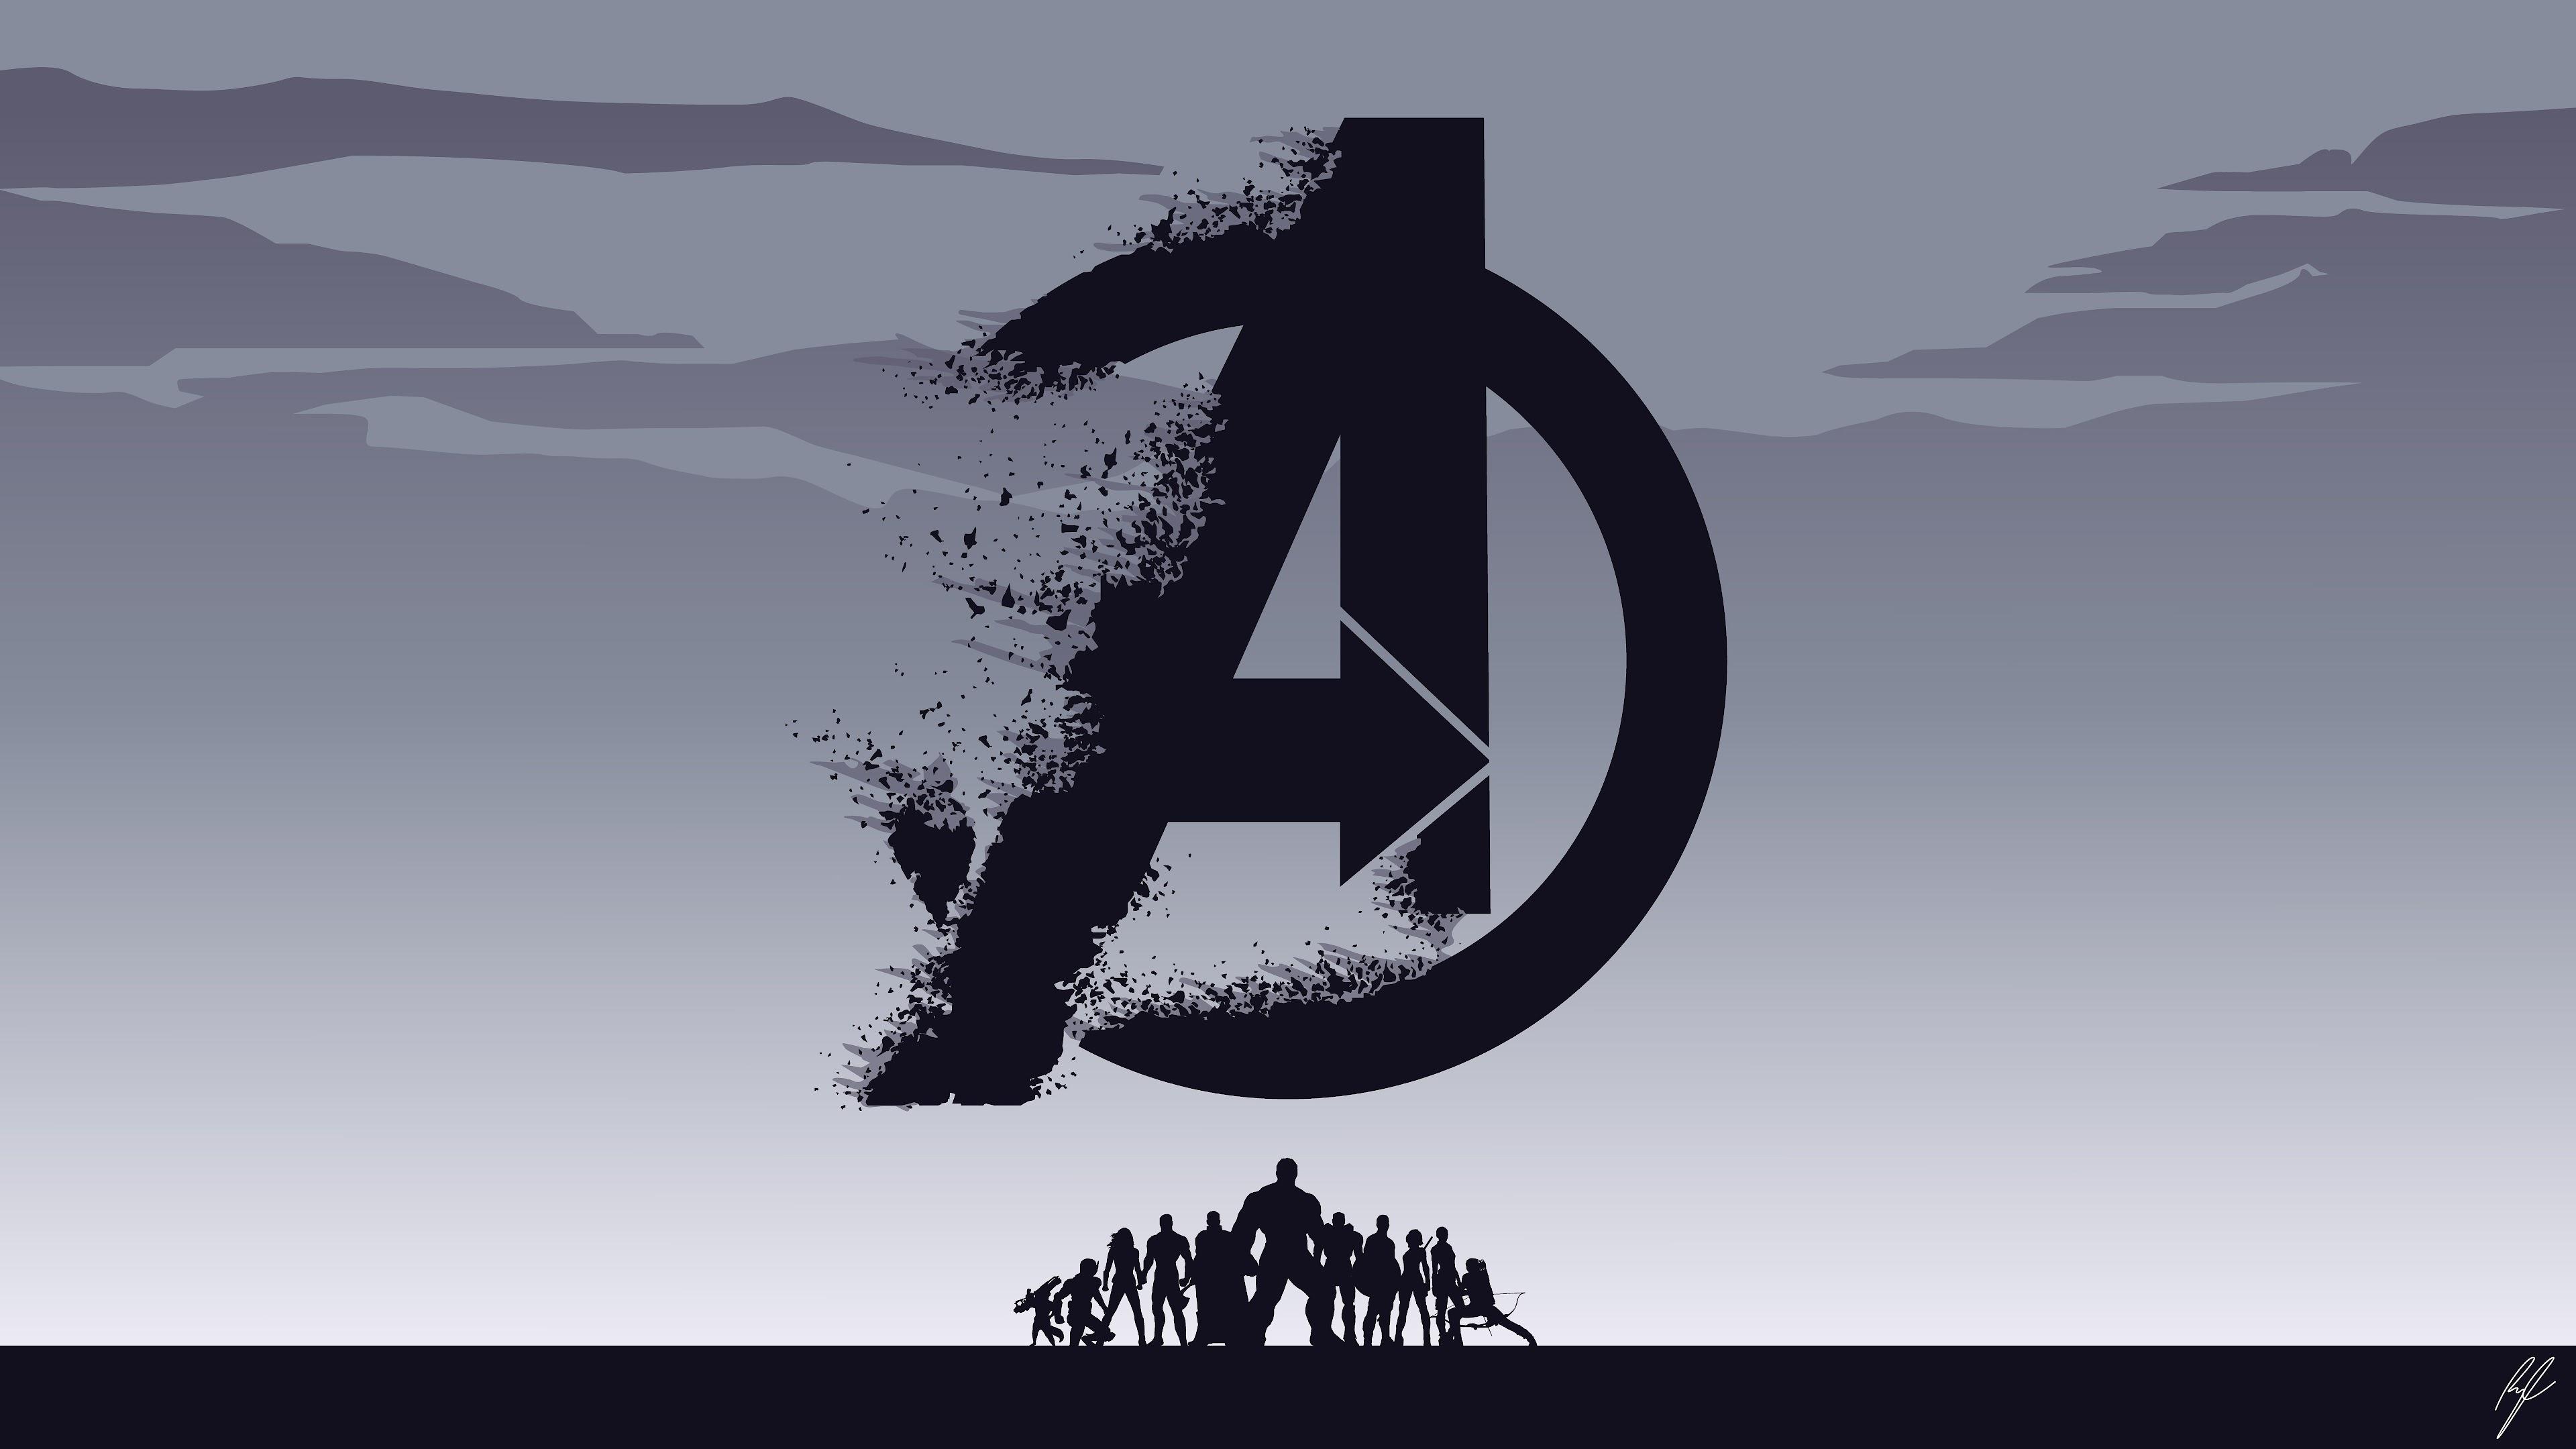 Avengers Endgame Logo Minimalist 8k 70 Wallpaper